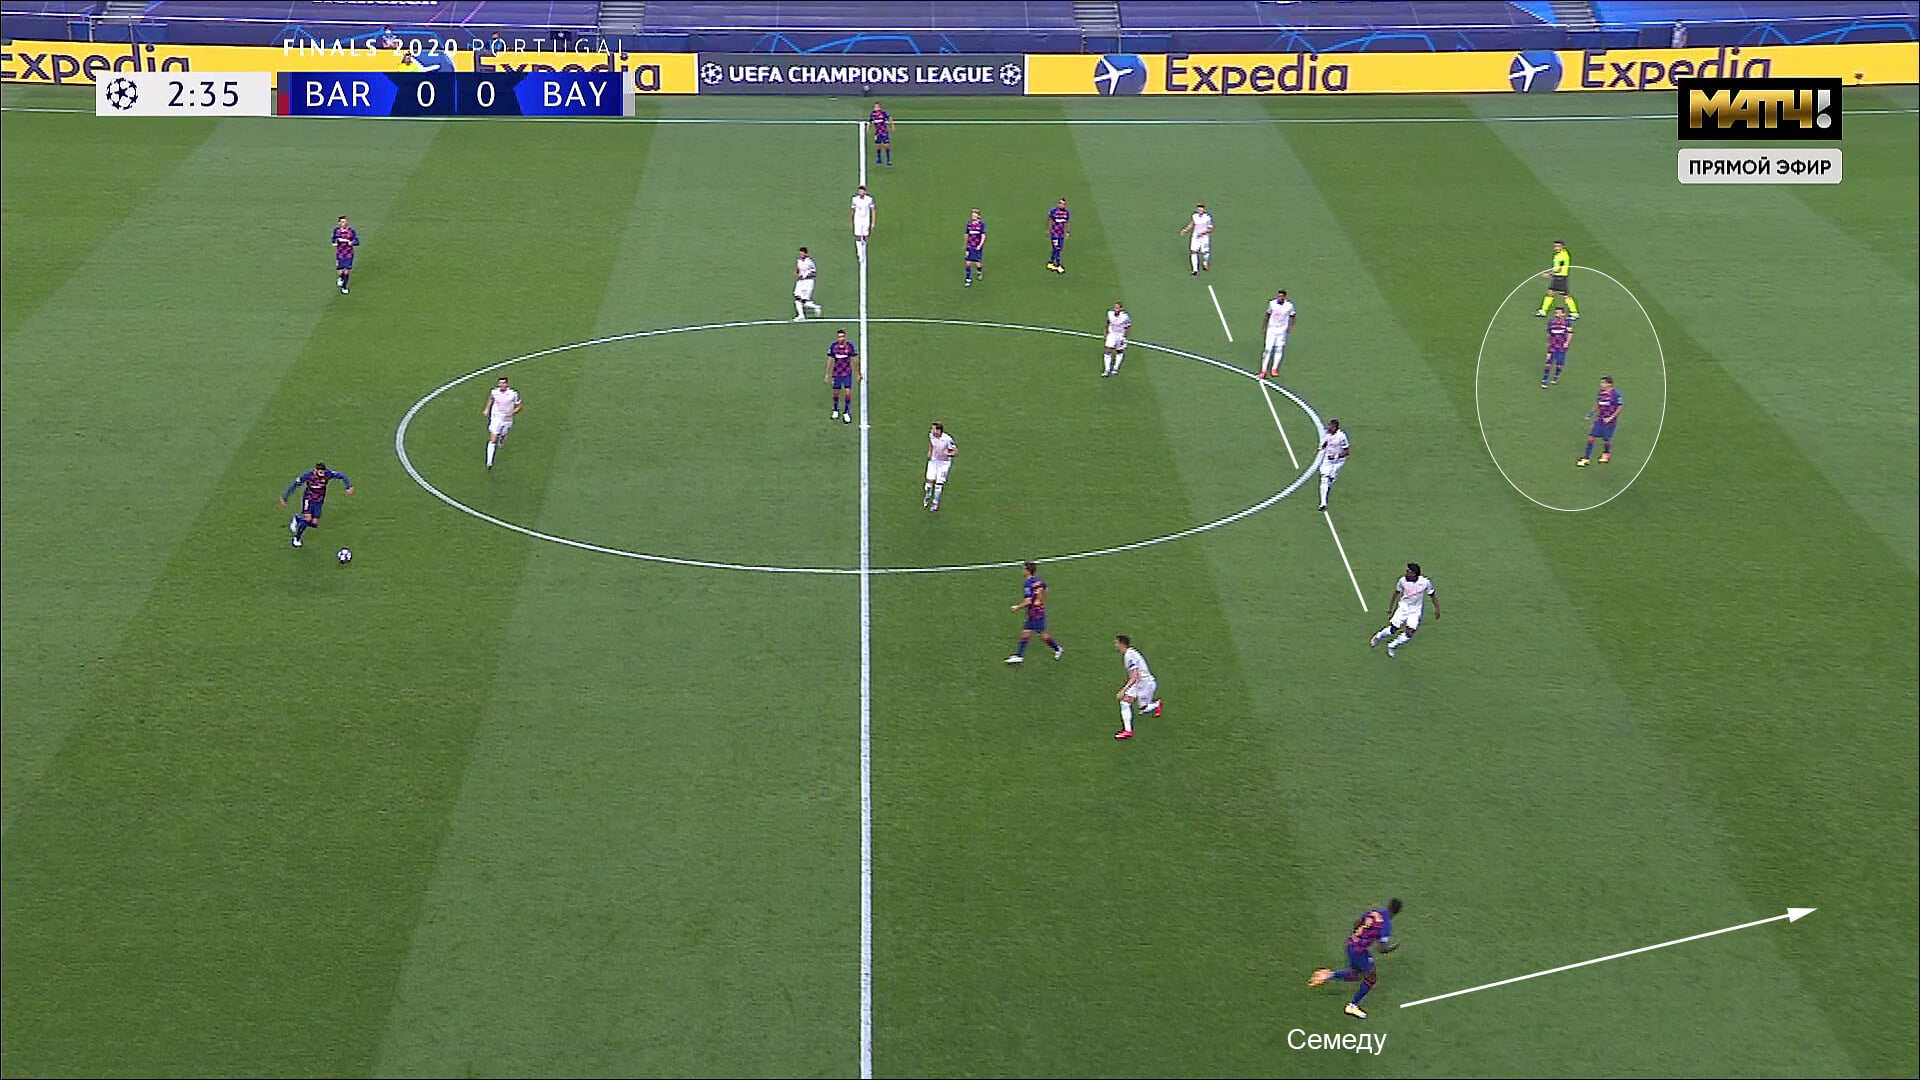 «Бавария» наказала «Барселону» за оборону в 8 человек. В этом матче Месси был проблемой, а не решением